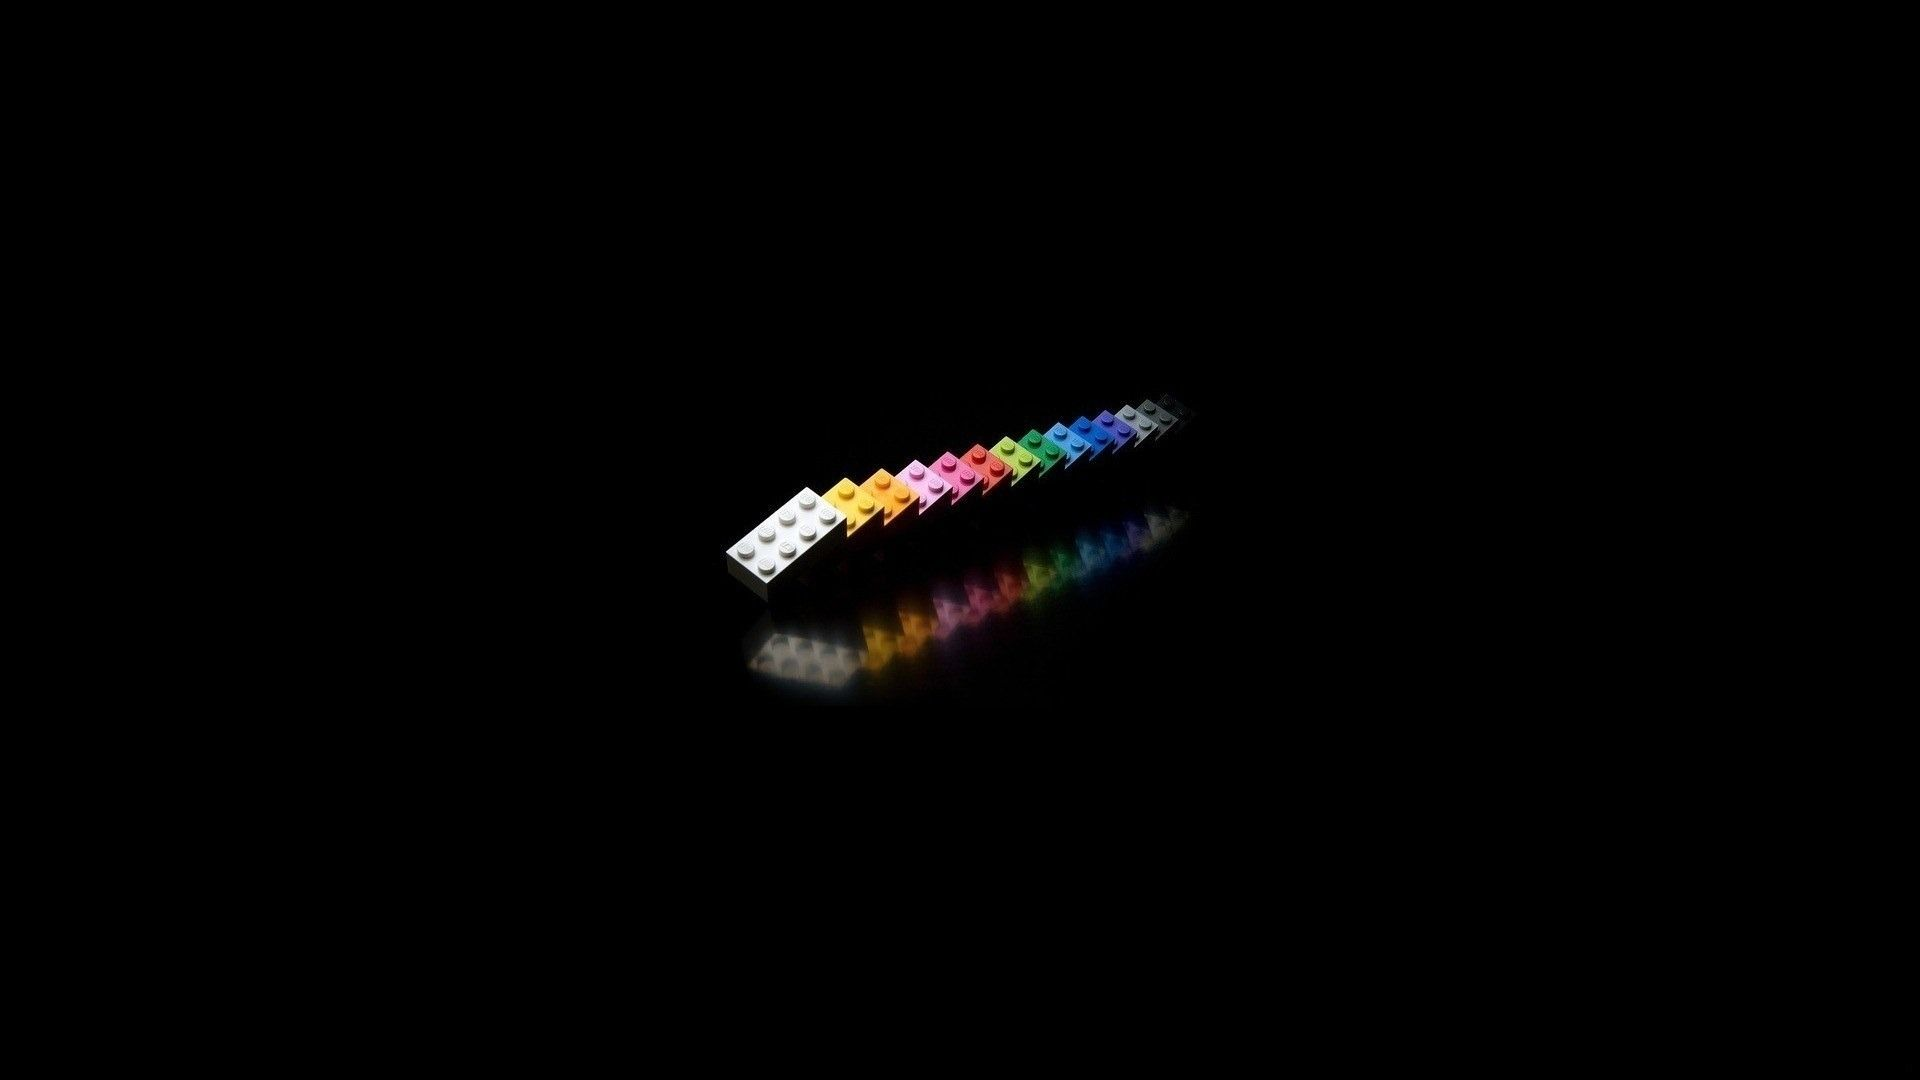 Res 1920x1080 Dark Minimalism Hd Wallpapers Desktop Backgrounds Mobile Art